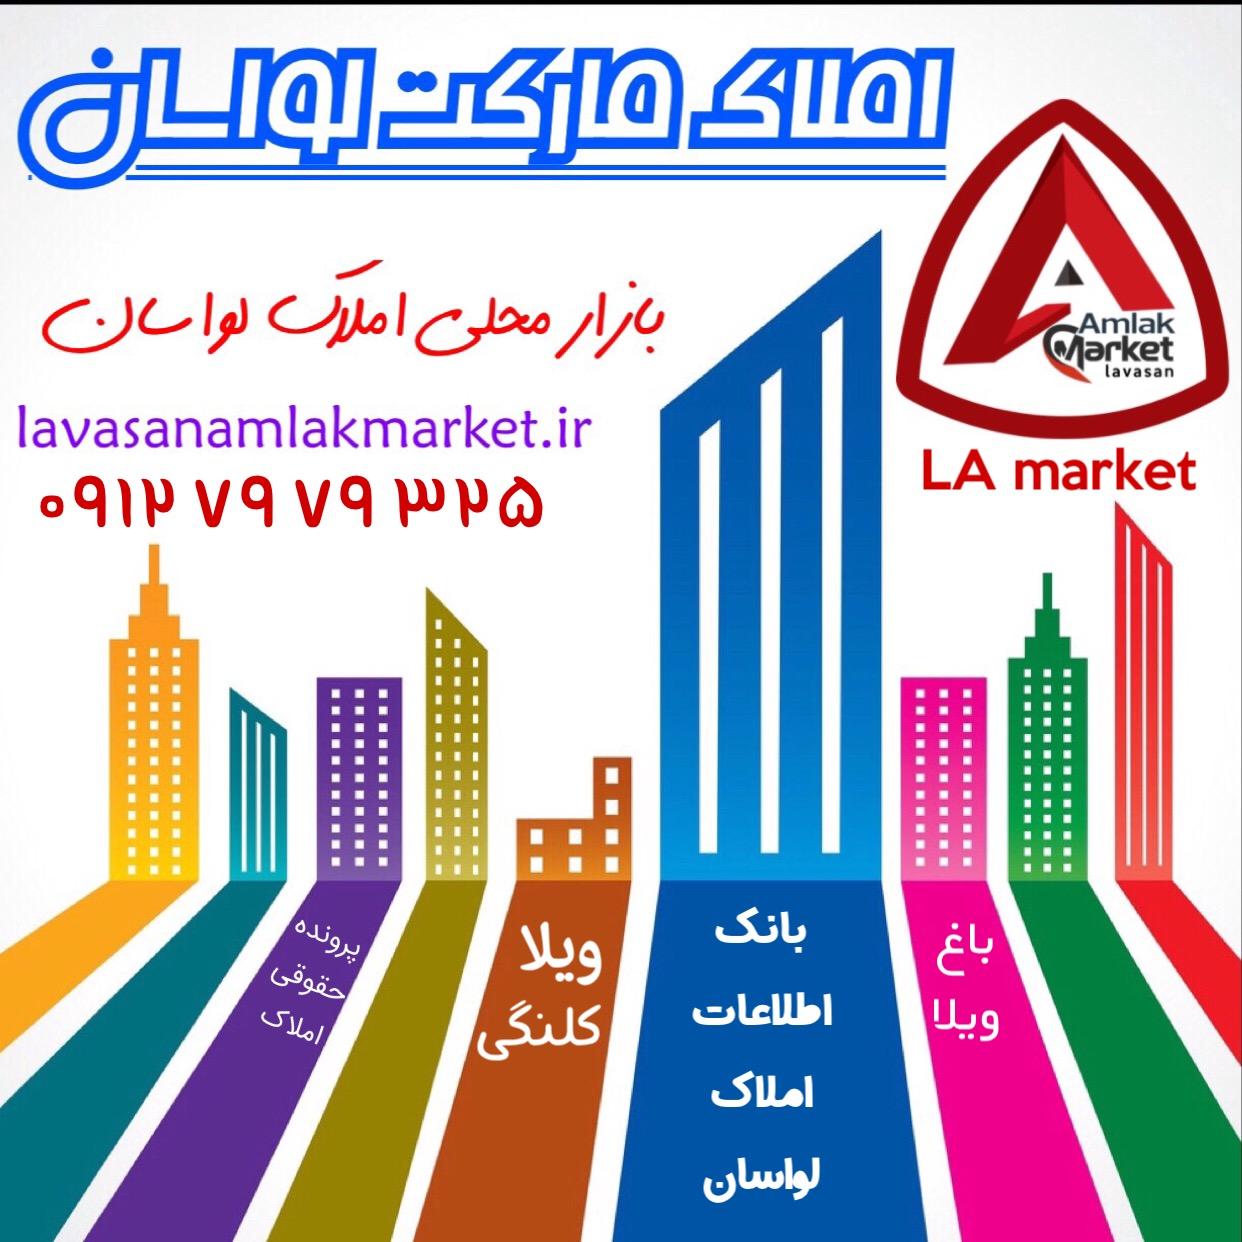 املاک مارکت لواسان بانک اطلاعات خریدوفروش املاک لواسان